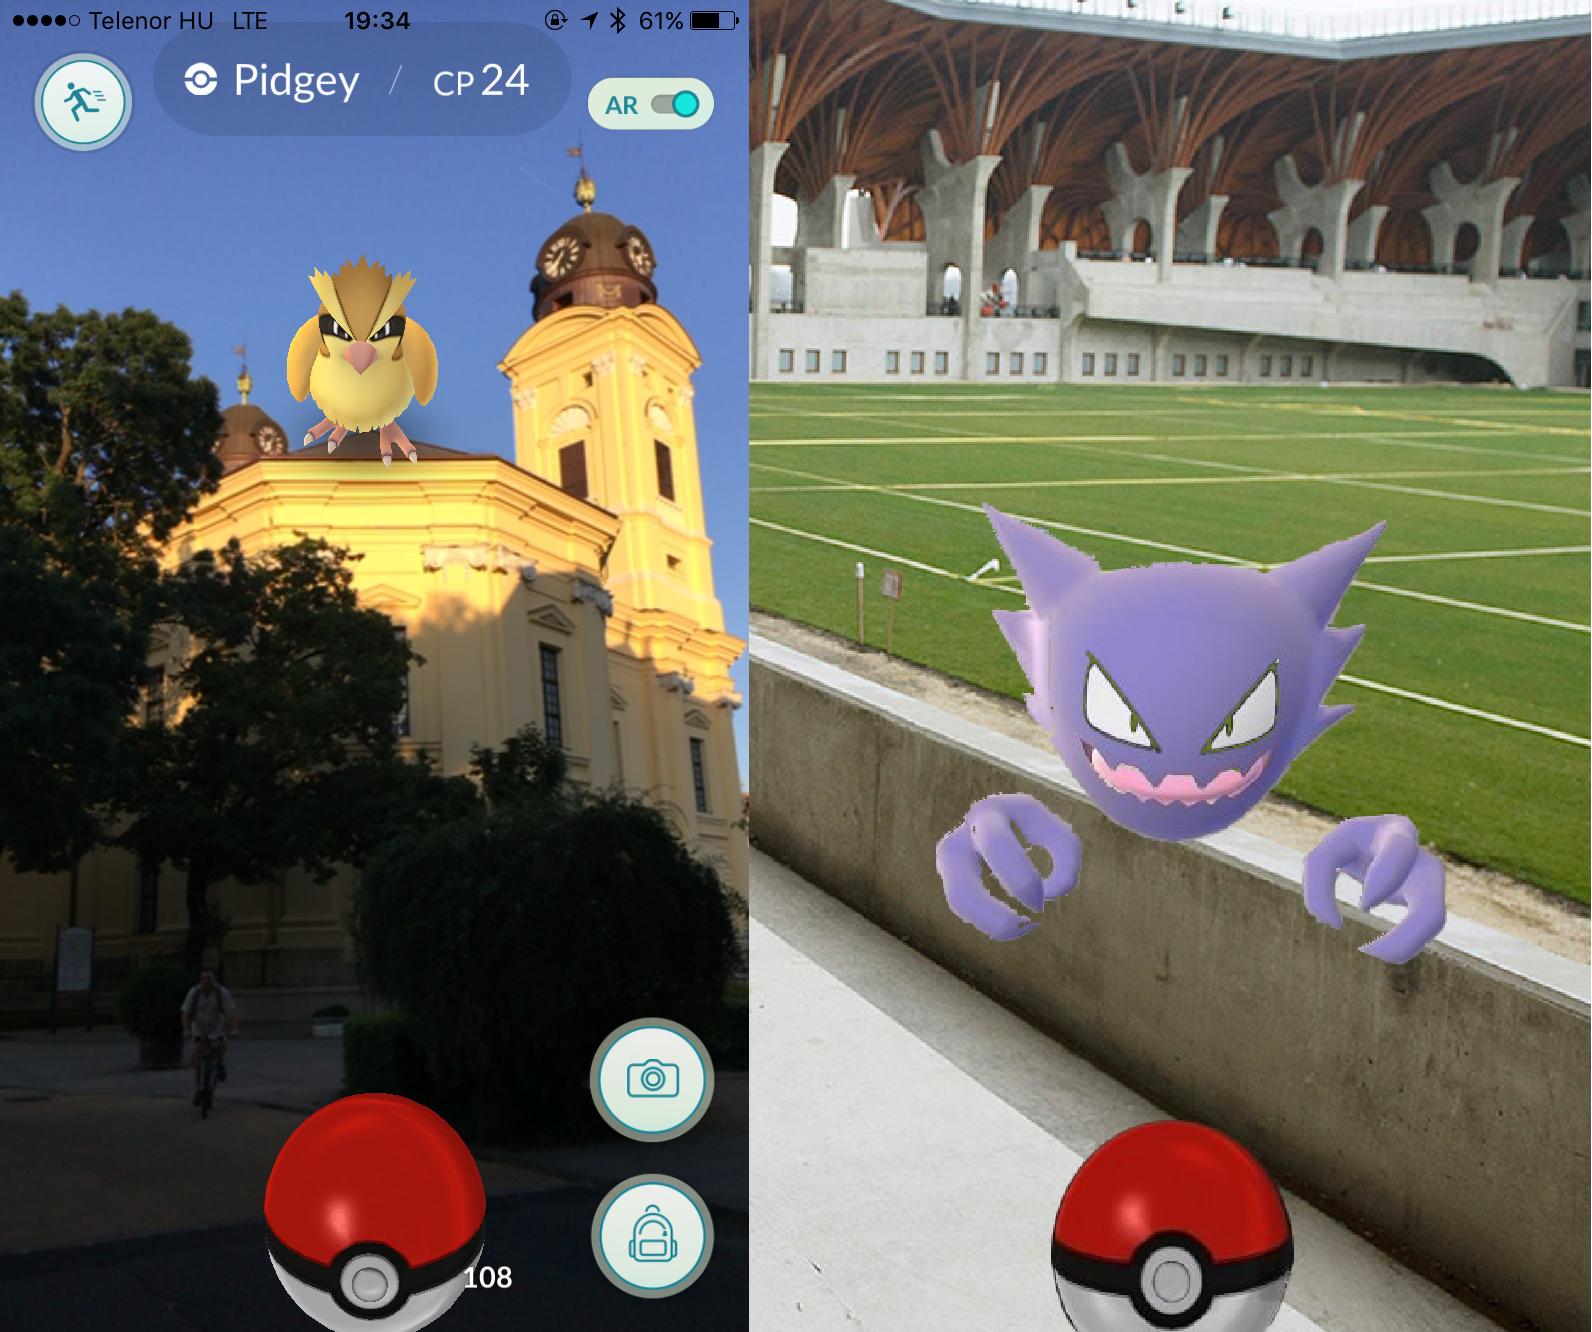 Egyre több magyar ember munkája van veszélyben a Pokémonok miatt